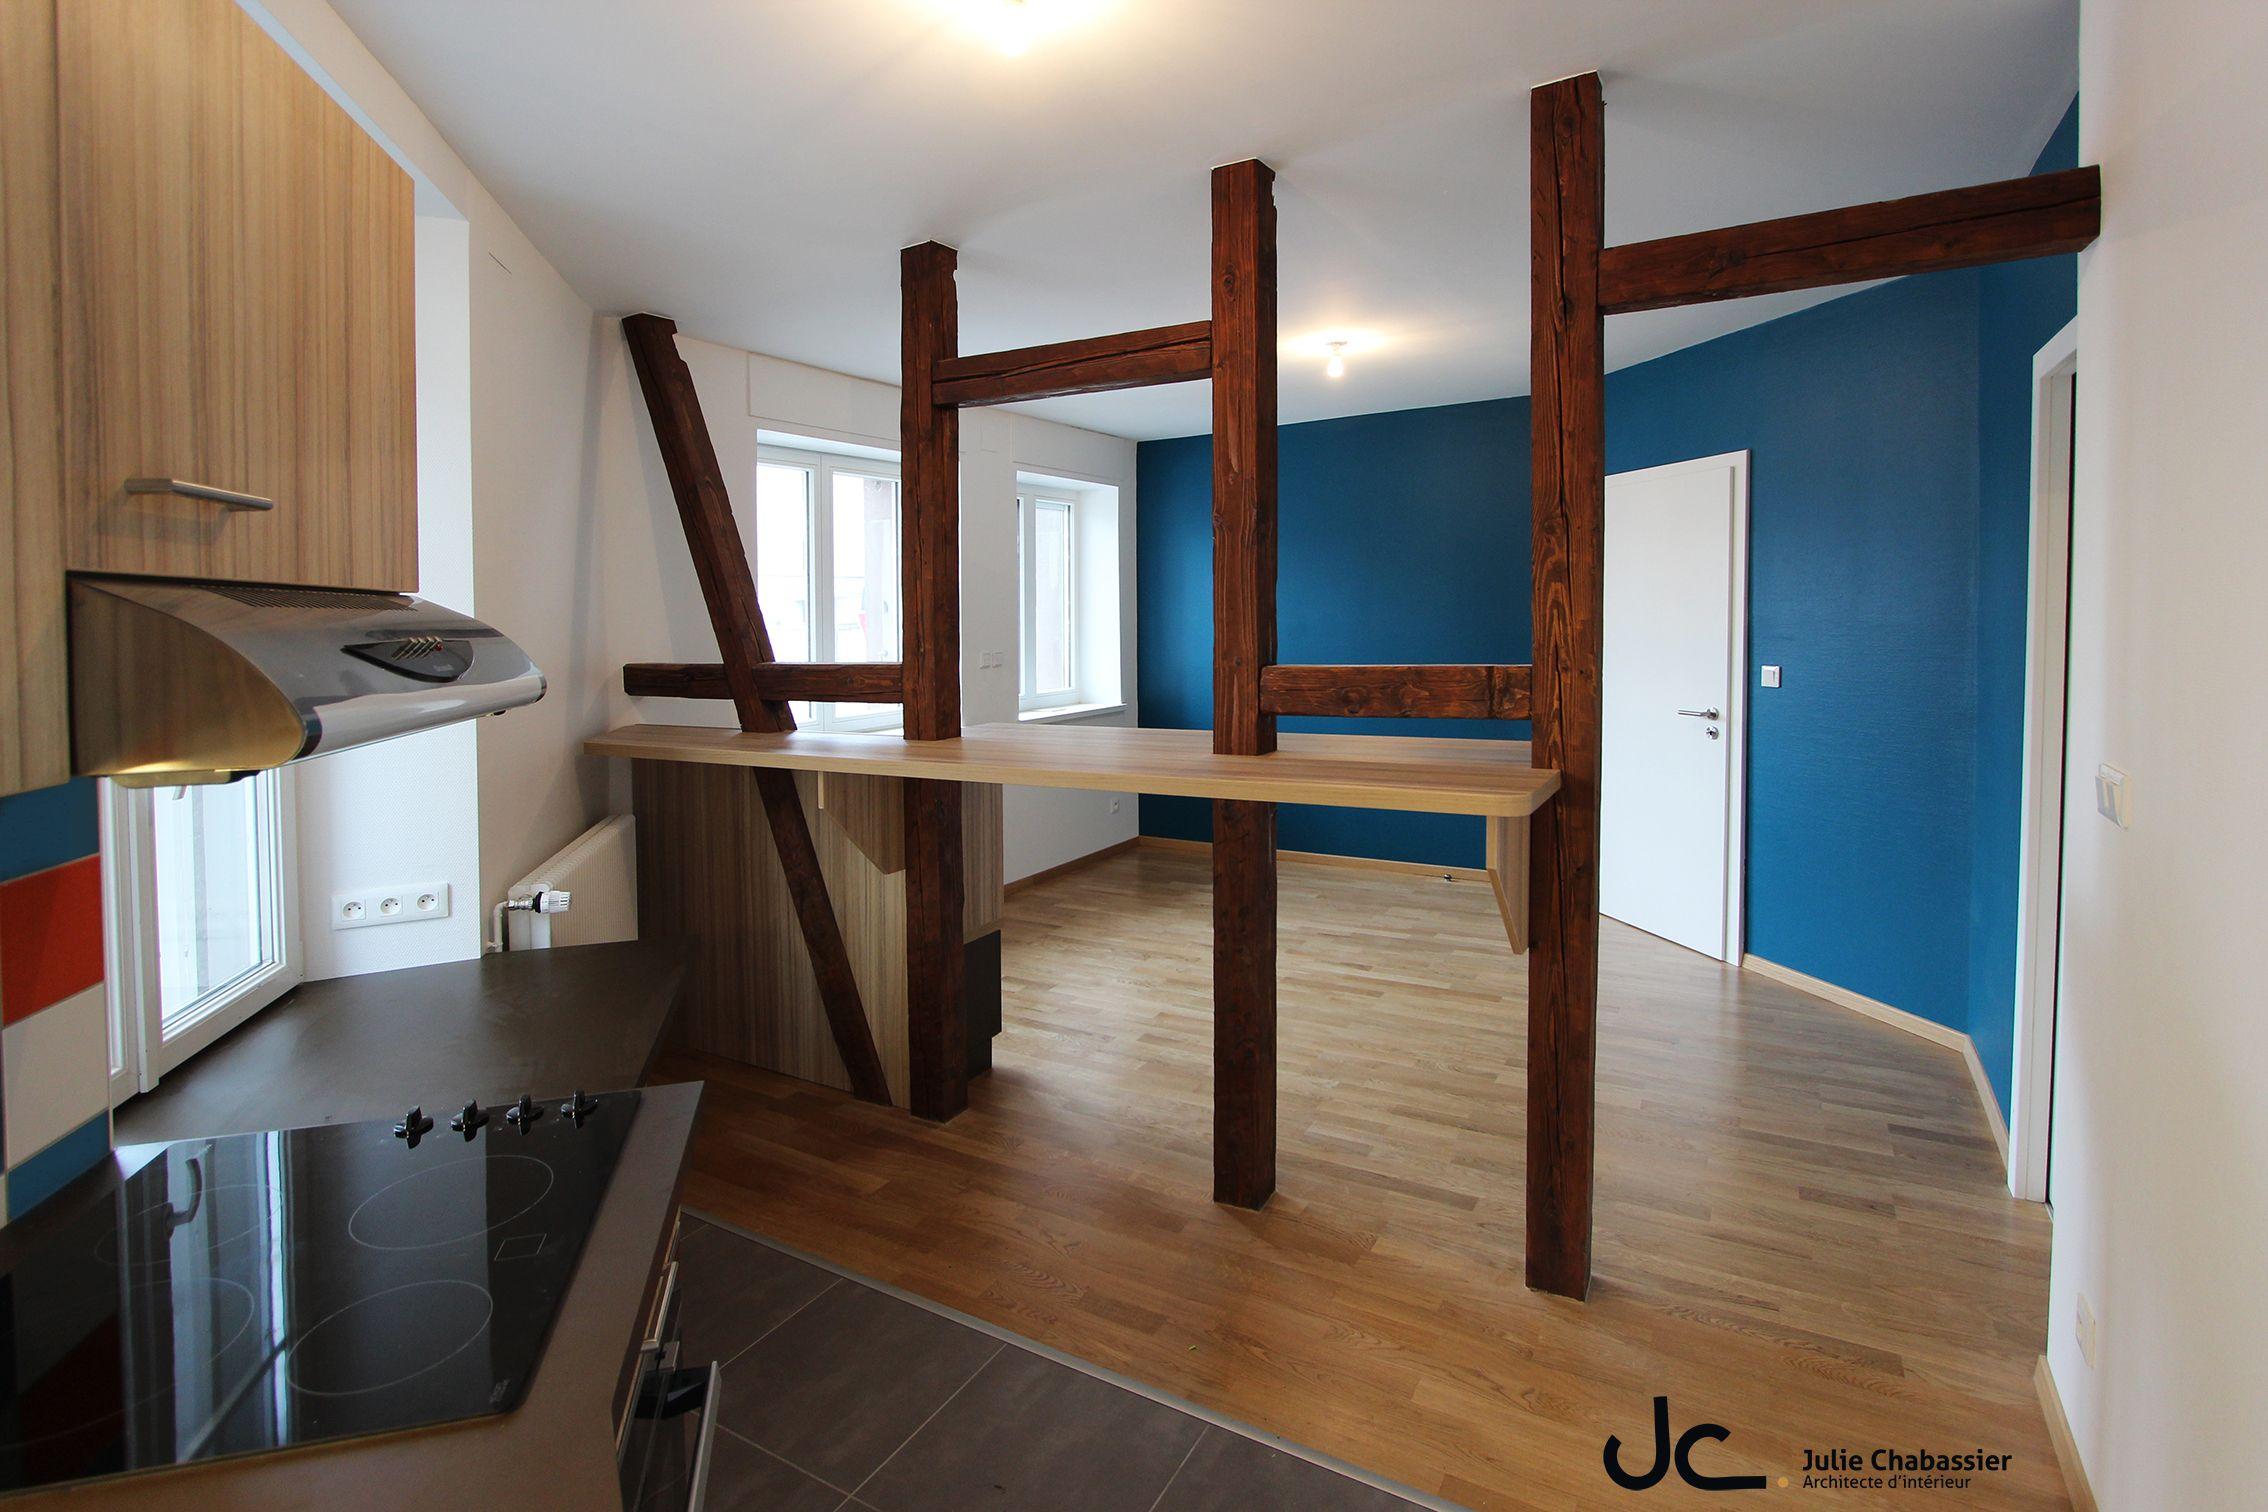 Julie Chabassier Architecte D Intérieur meuble autour du colombage | architecte interieur, maison